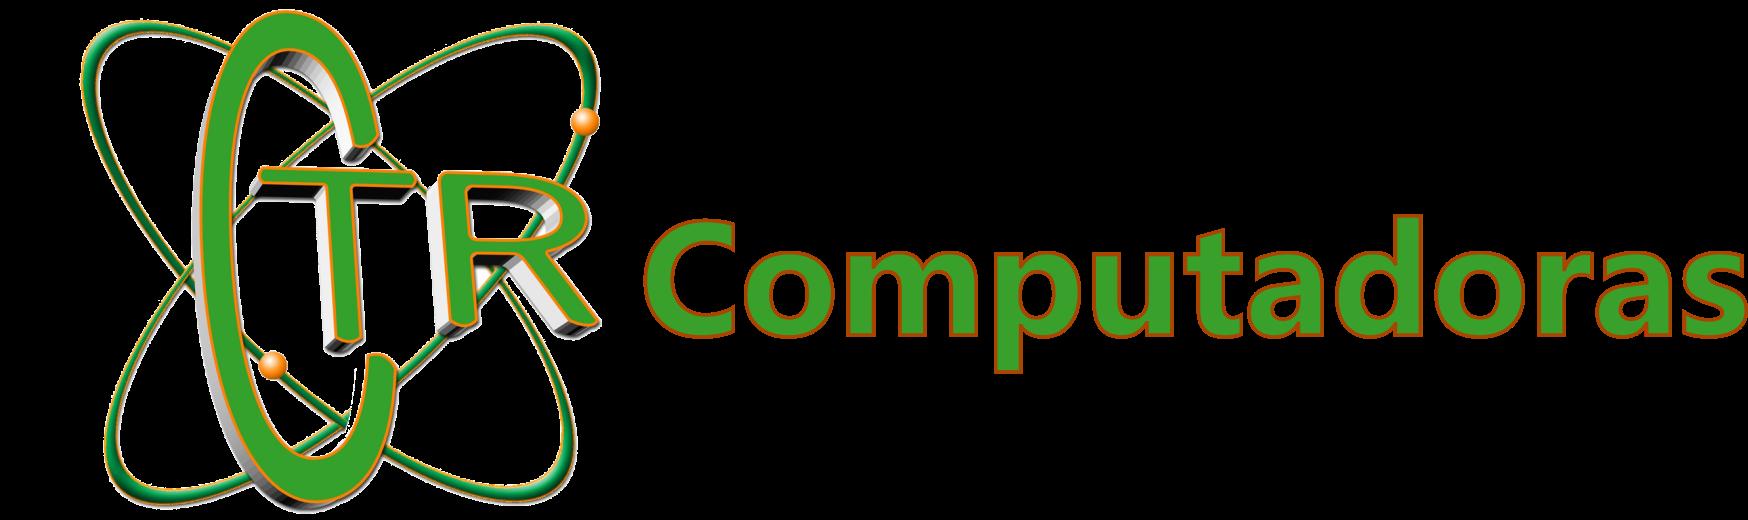 CTR Computadoras